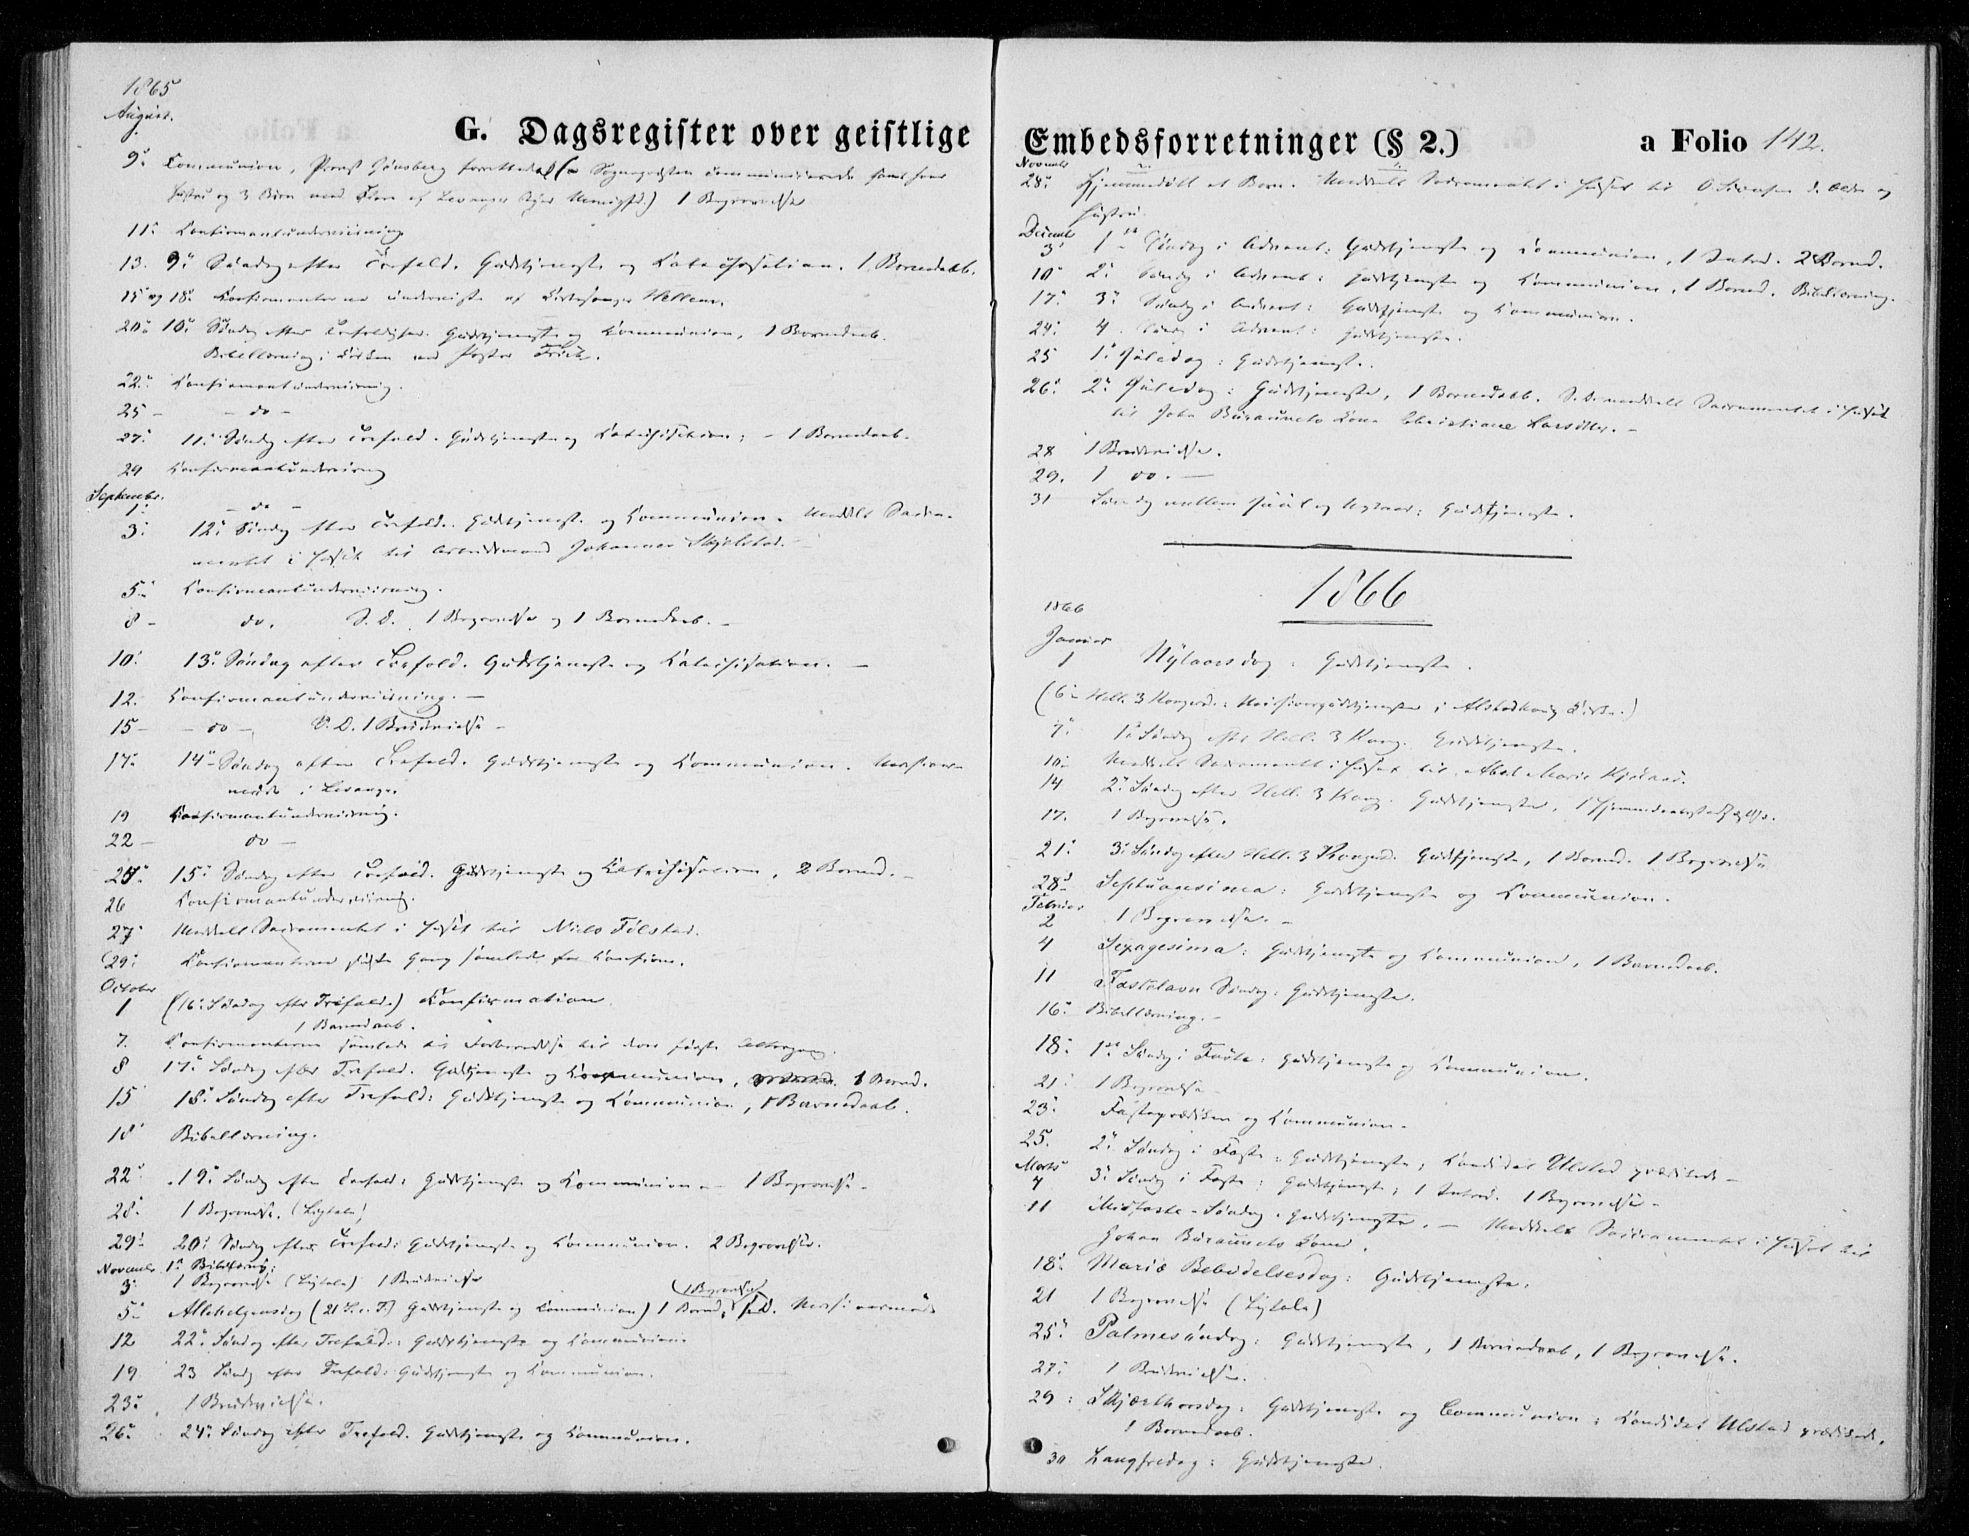 SAT, Ministerialprotokoller, klokkerbøker og fødselsregistre - Nord-Trøndelag, 720/L0186: Ministerialbok nr. 720A03, 1864-1874, s. 142